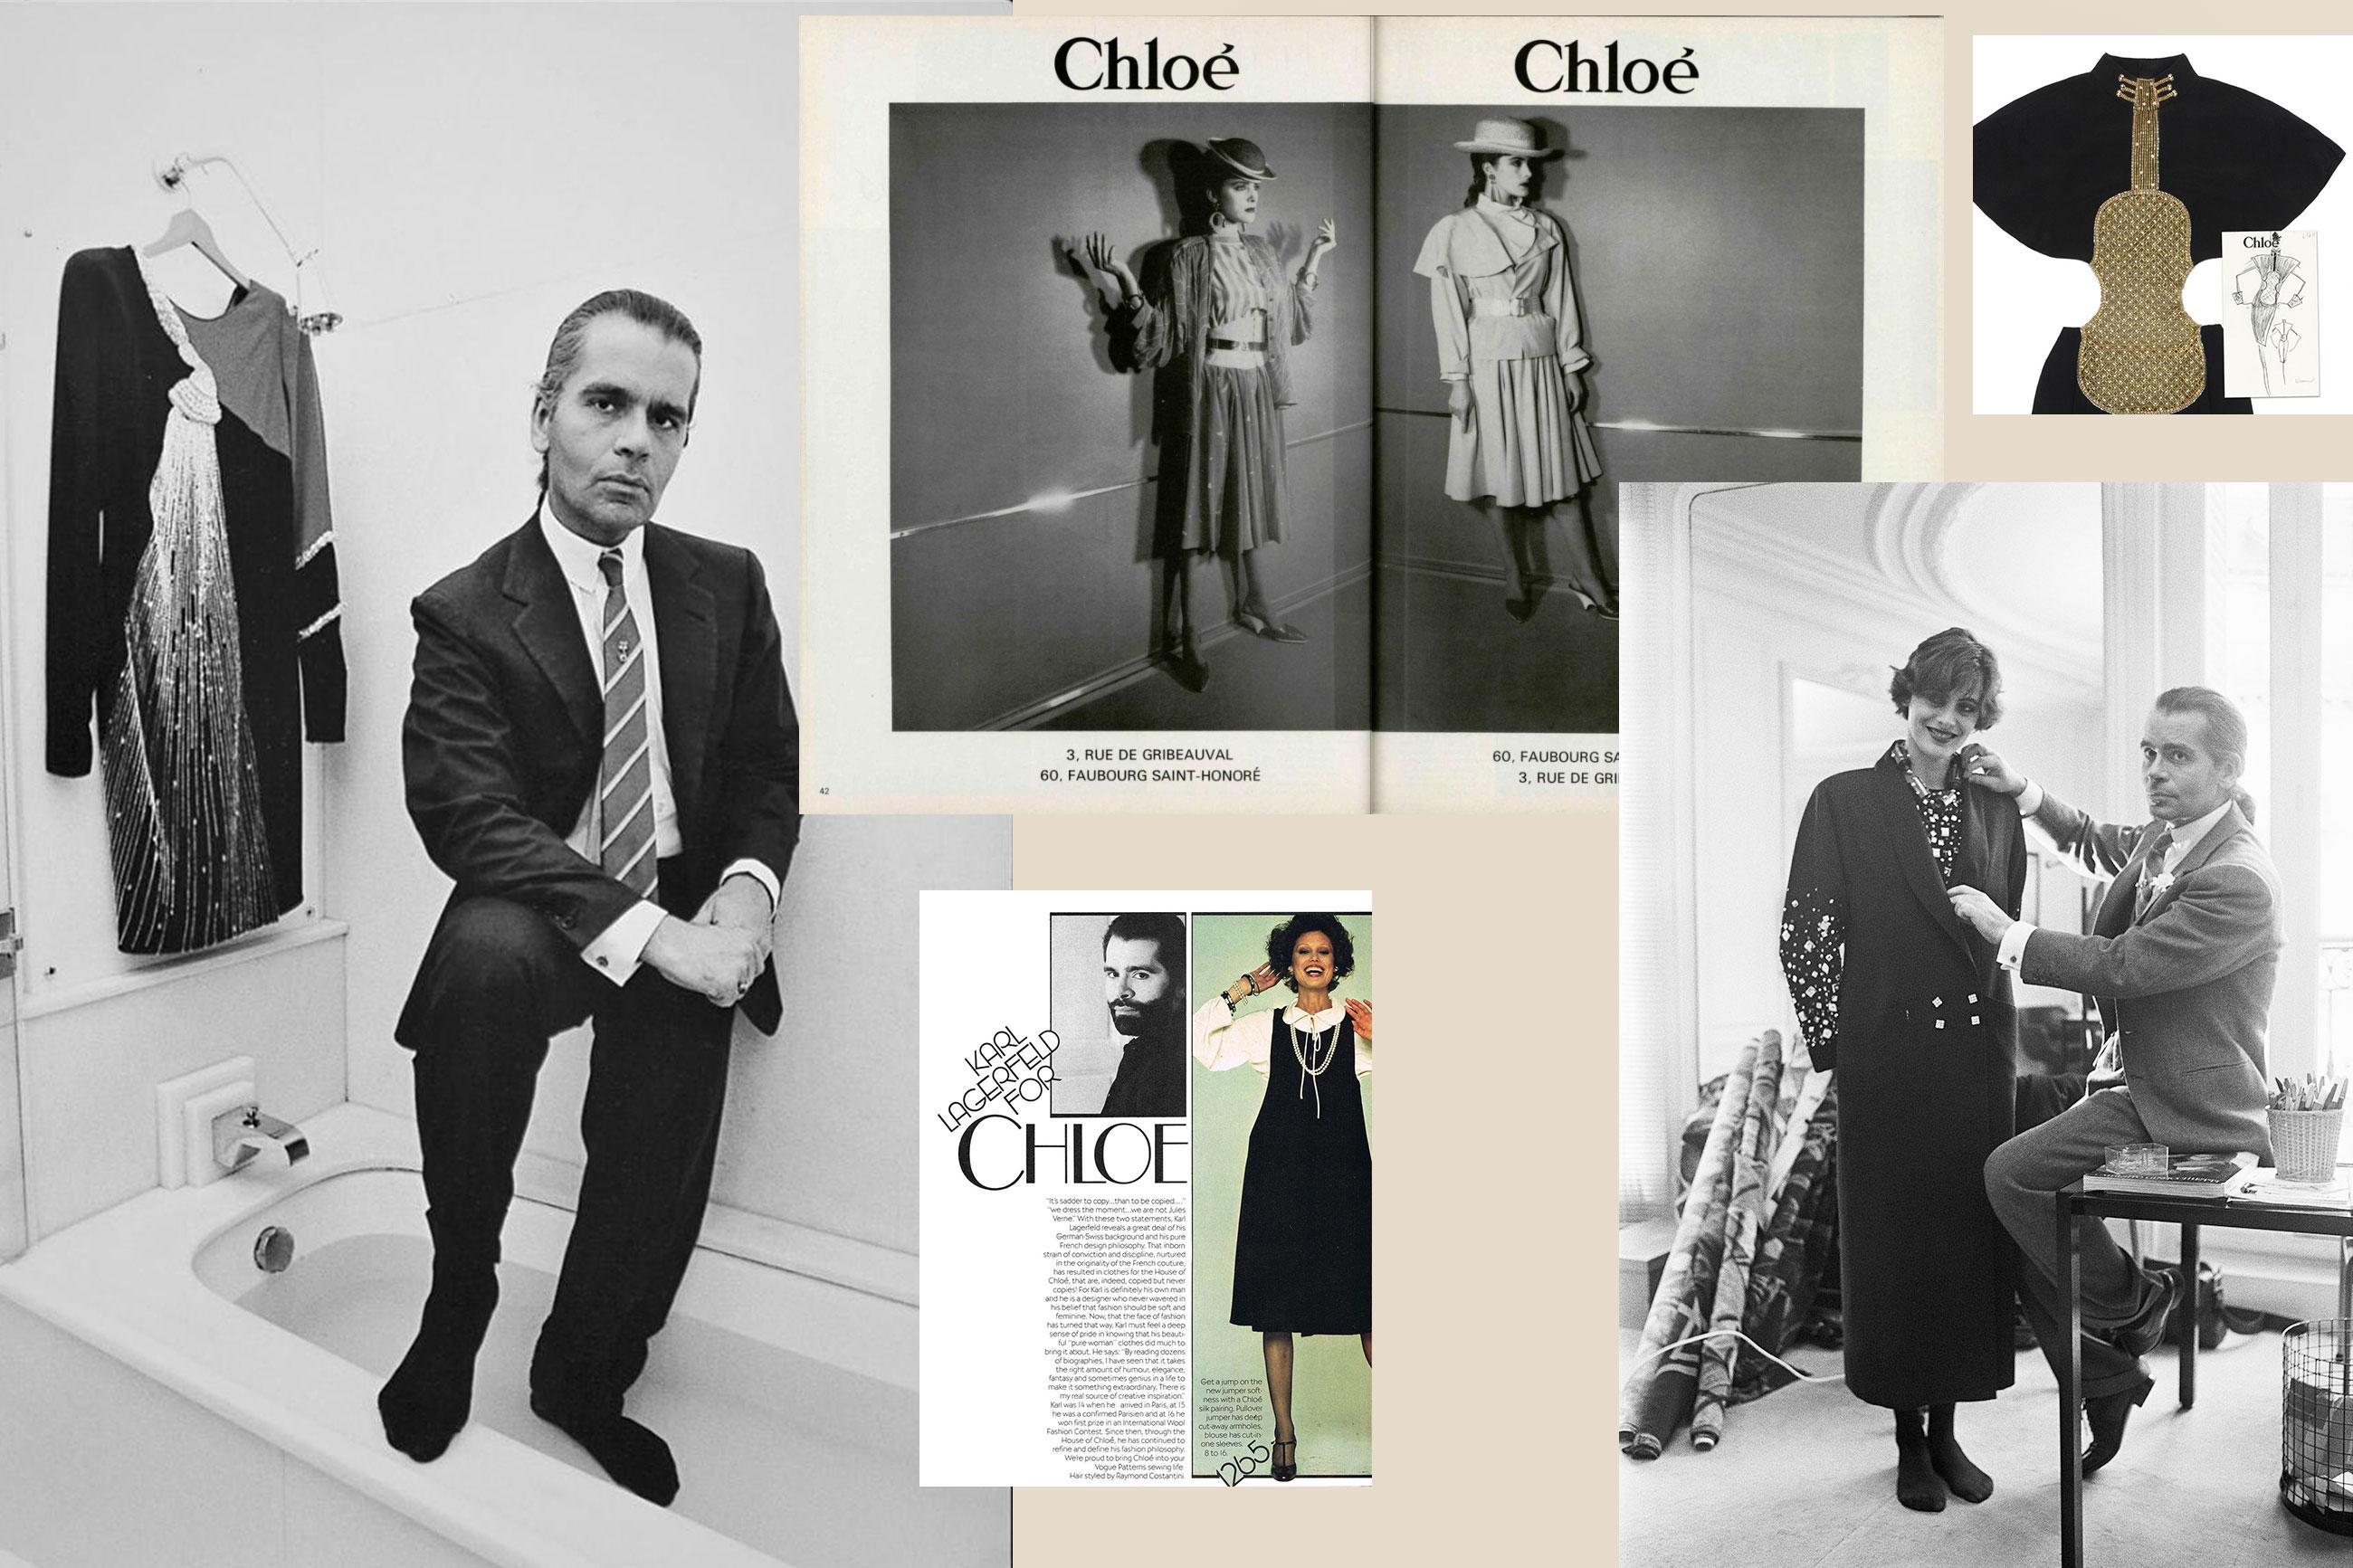 35aafe6c27 8 + 1 ok, amiért Karl Lagerfeld egy igazi ikon - Bence Csalár